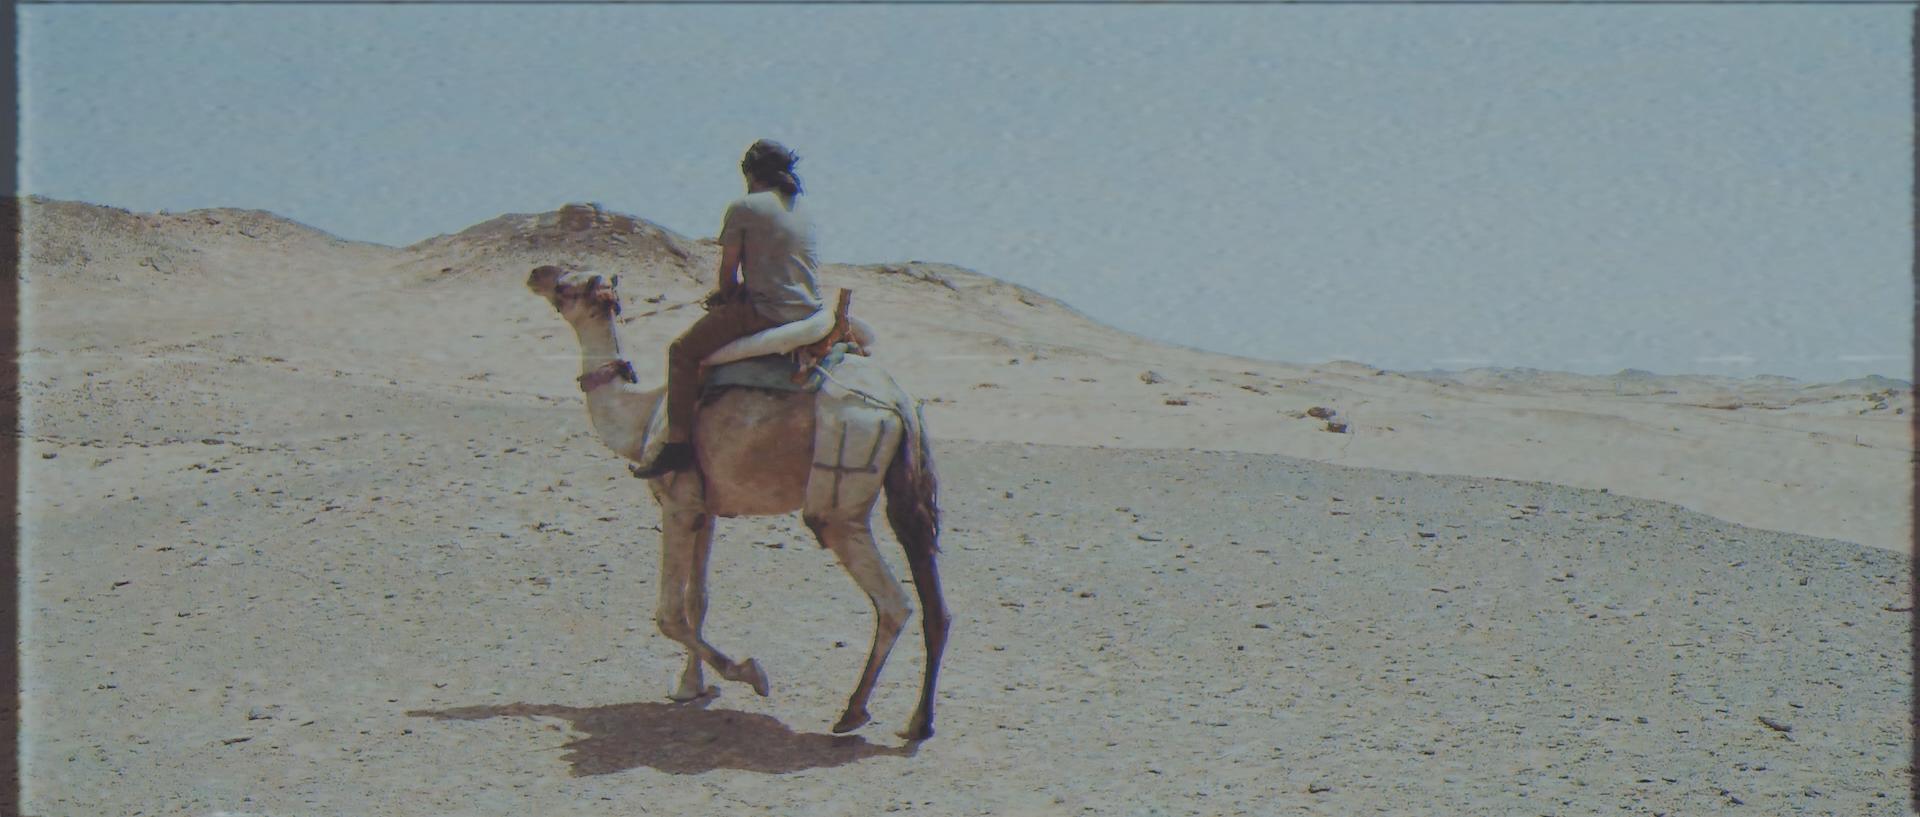 Stills - Cinema - Dp - Frame- Cinematographer - Miguel Bautista - Production - Filmmaking - Cine 036.jpg